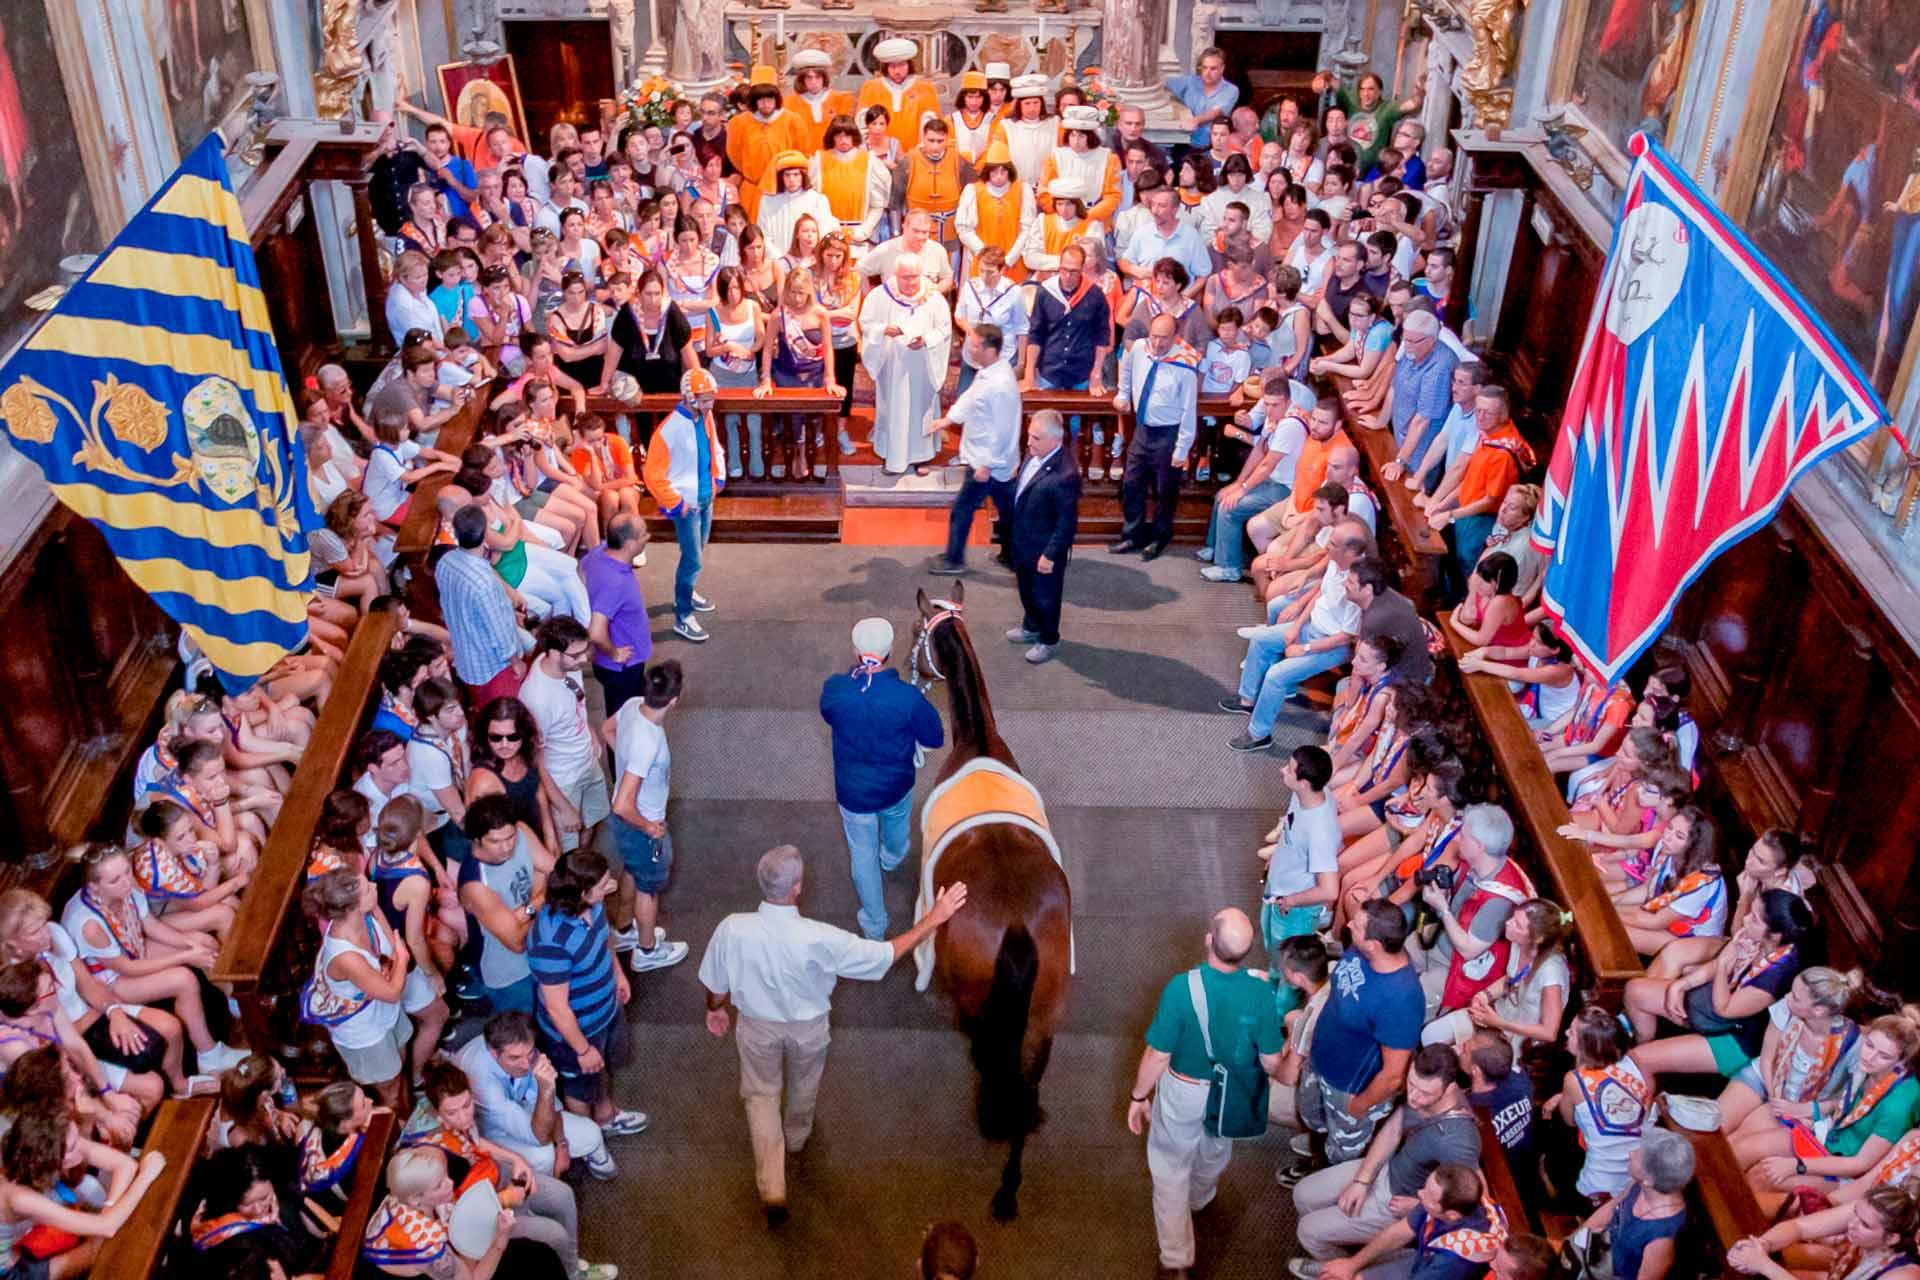 LA BENEDIZIONE DEL BARBERO – È il 2 luglio, il giorno magico, tutto è pronto. Sto per assistere a qualcosa di sensazionale: la benedizione del Bàrbero. È una condizione in cui, il Sacro e il profano, elementi caratterizzanti di tutta la Festa, trovano la loro massima espressione: il cavallo accompagnato dal barbaresco, varca la soglia di un ambiente sacro.